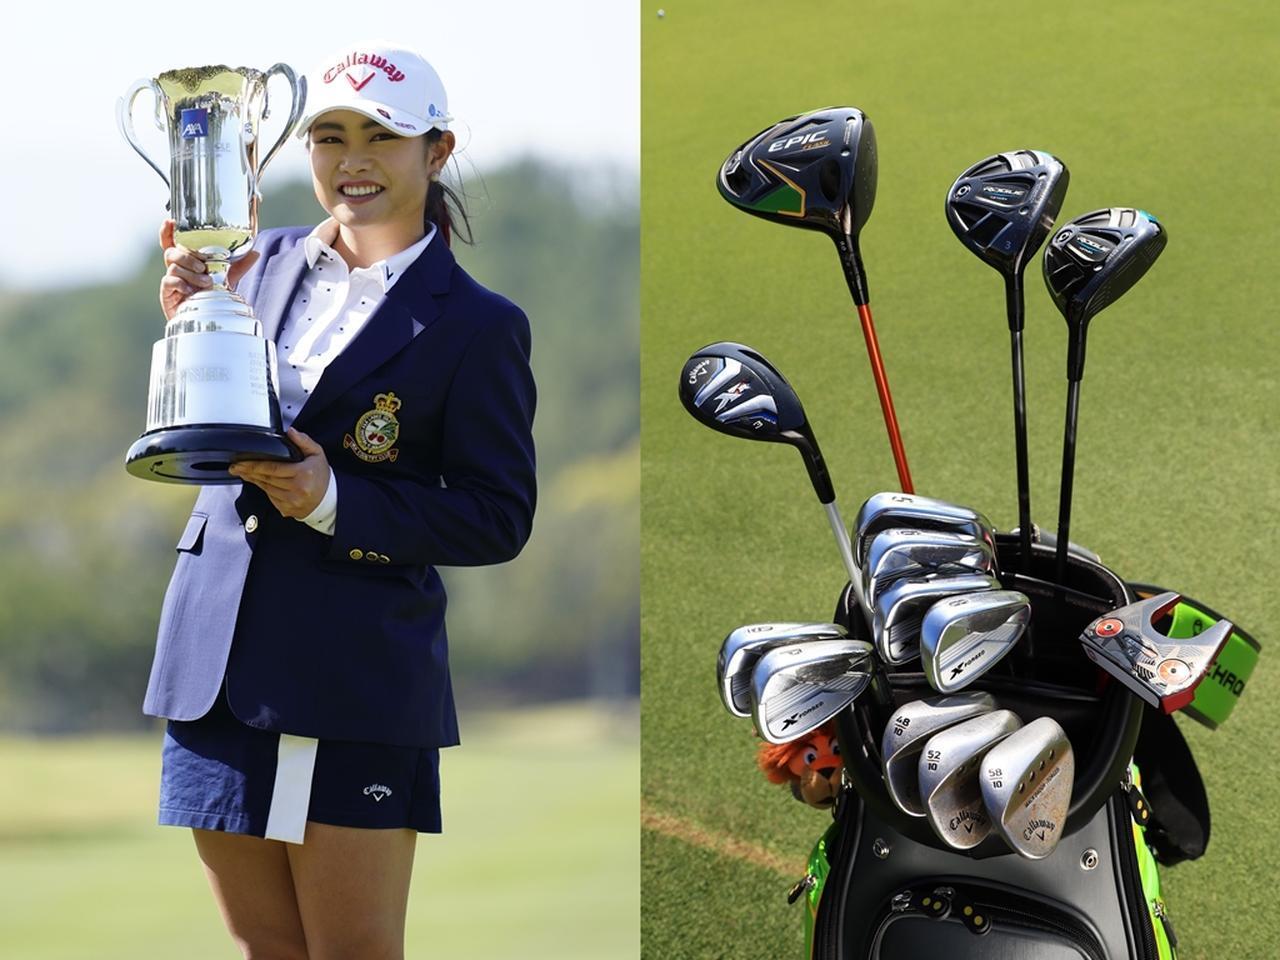 画像: かわもとゆい。1998年生まれ、愛媛県出身。5歳でゴルフを始める。ジュニア時代から四国のアマタイトルを獲得。勝みなみ、新垣比菜などと同学年の黄金世代のひとり。2018年ステップアップツアー「Skyレディース ABC杯」で初優勝、年間4勝を挙げツアー賞金女王に。2019年「アクサレディス in MIYAZAKI」でツアー初優勝。T・ウッズとT・フリートウッドが憧れ。